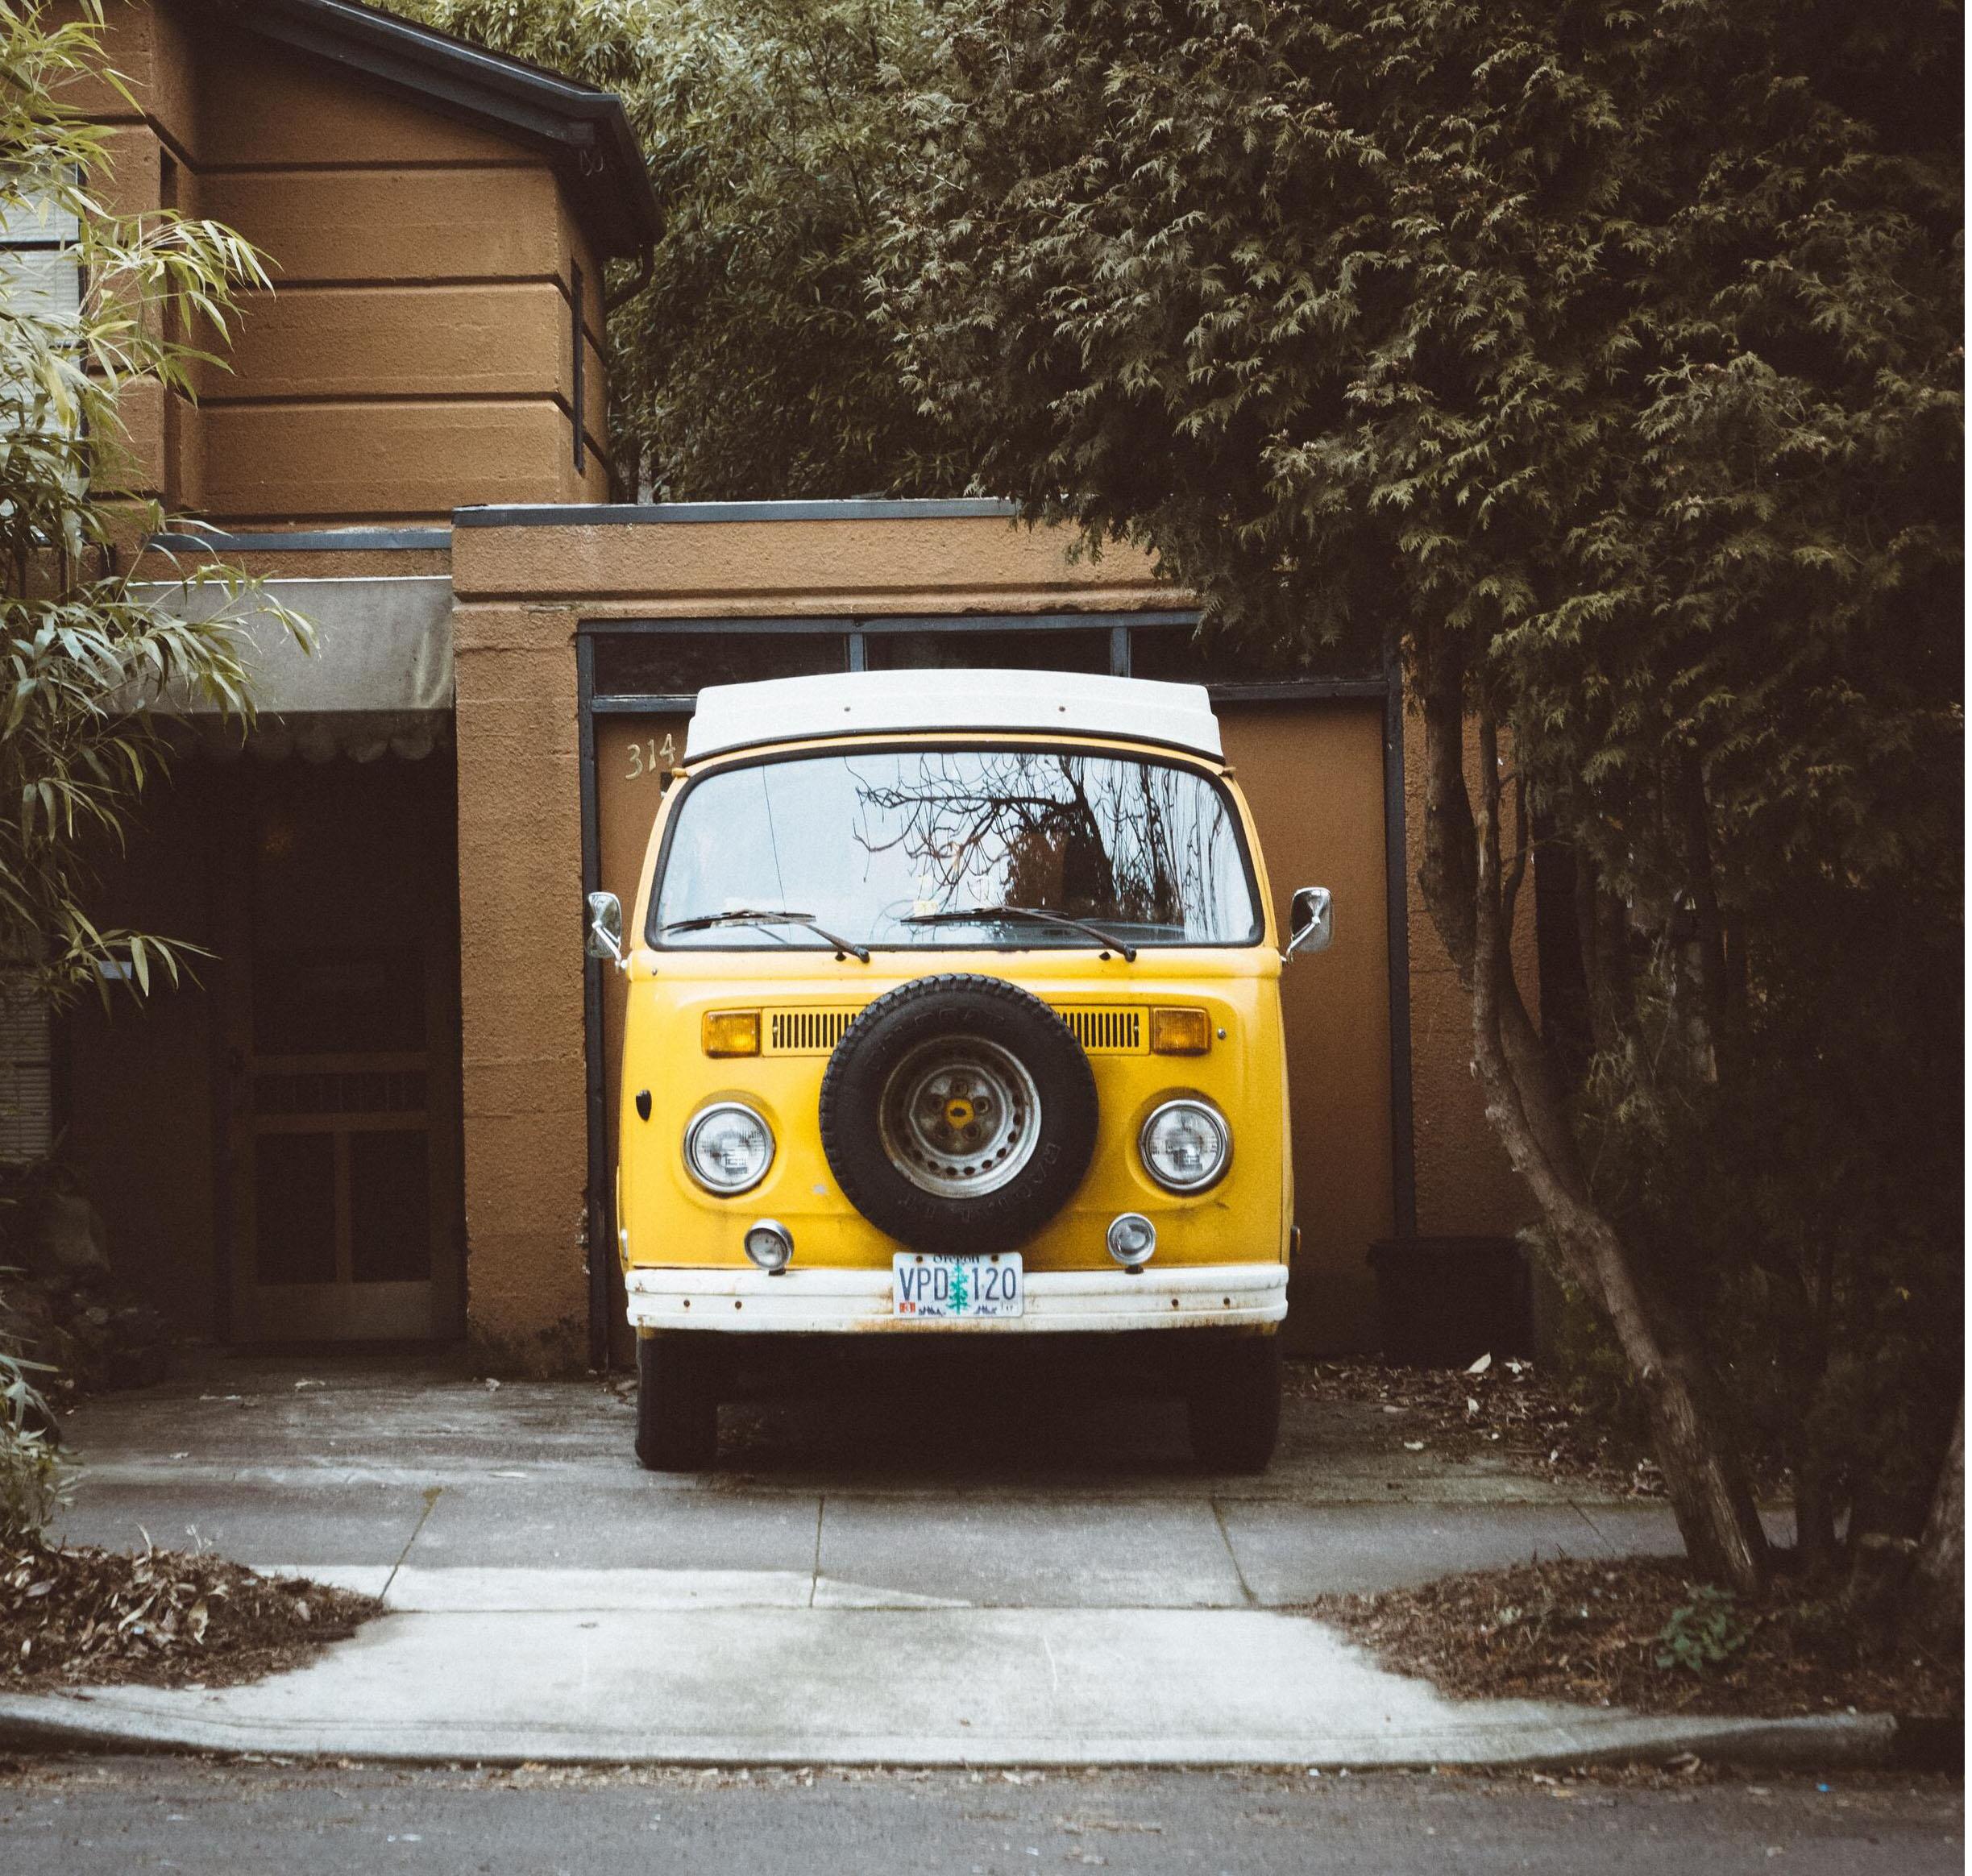 Fool me once, fool me twice… wait, where's my van?